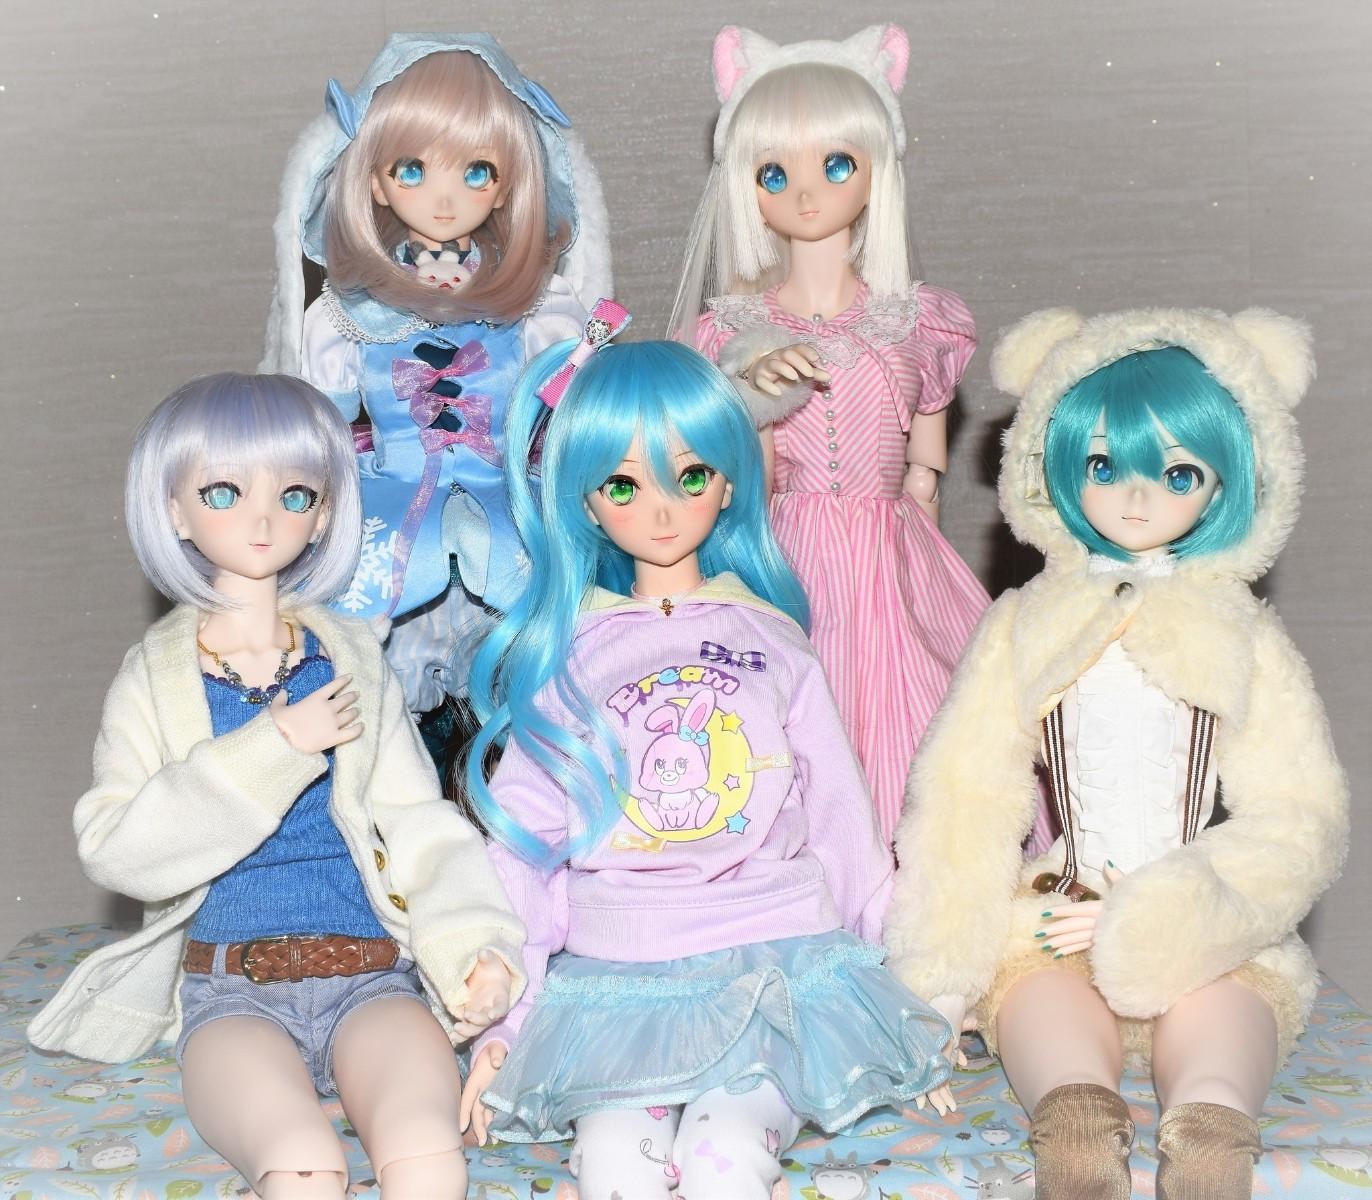 Dollfie Dream The Idolmaster Cinderella Girl Anastasia-Garage Kit Dolls